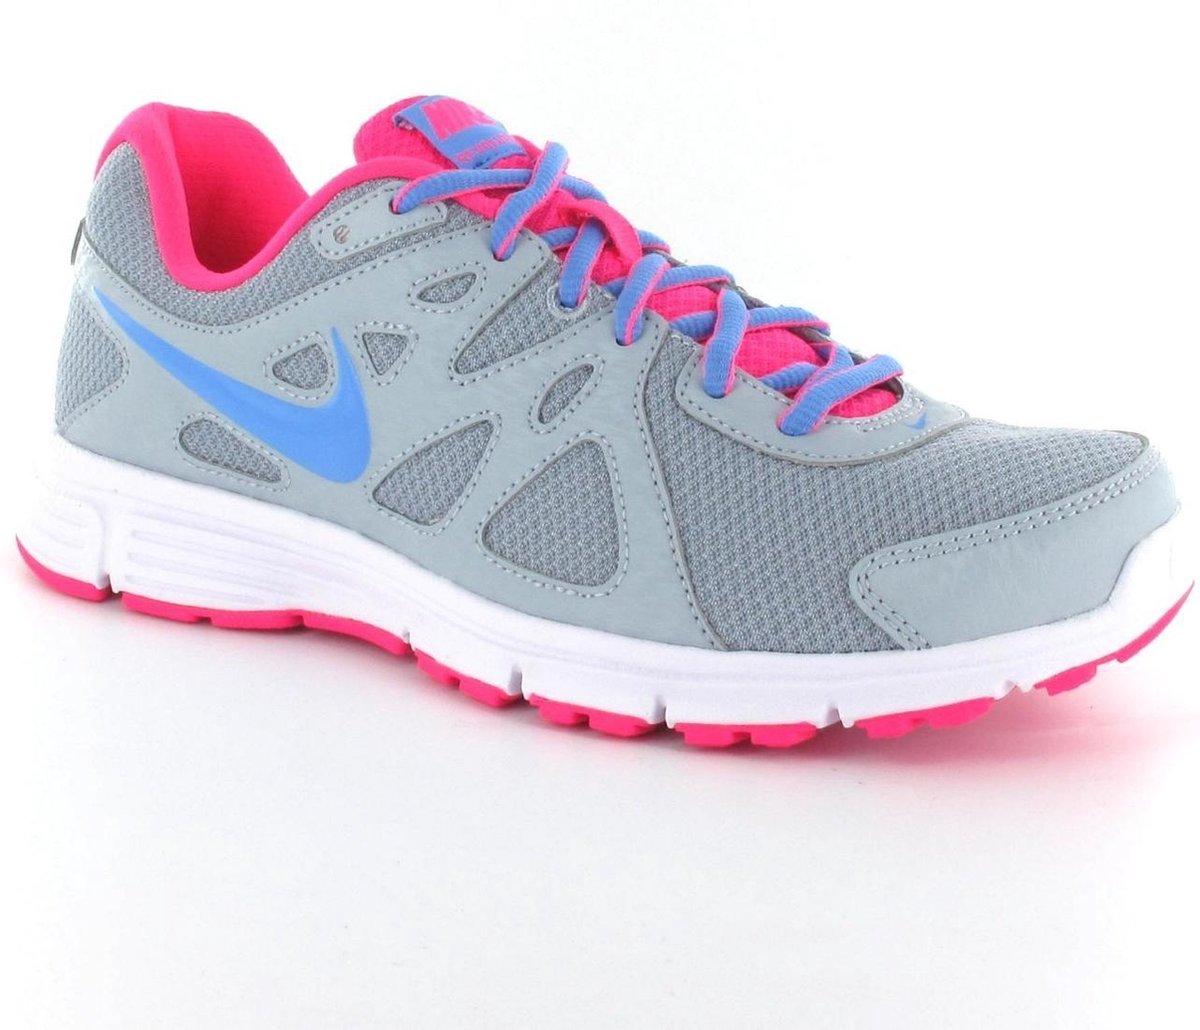 Nike Revolution 2 MSL Hardloopschoenen Neutraal Vrouwen Maat 37.5 Grijs Roze